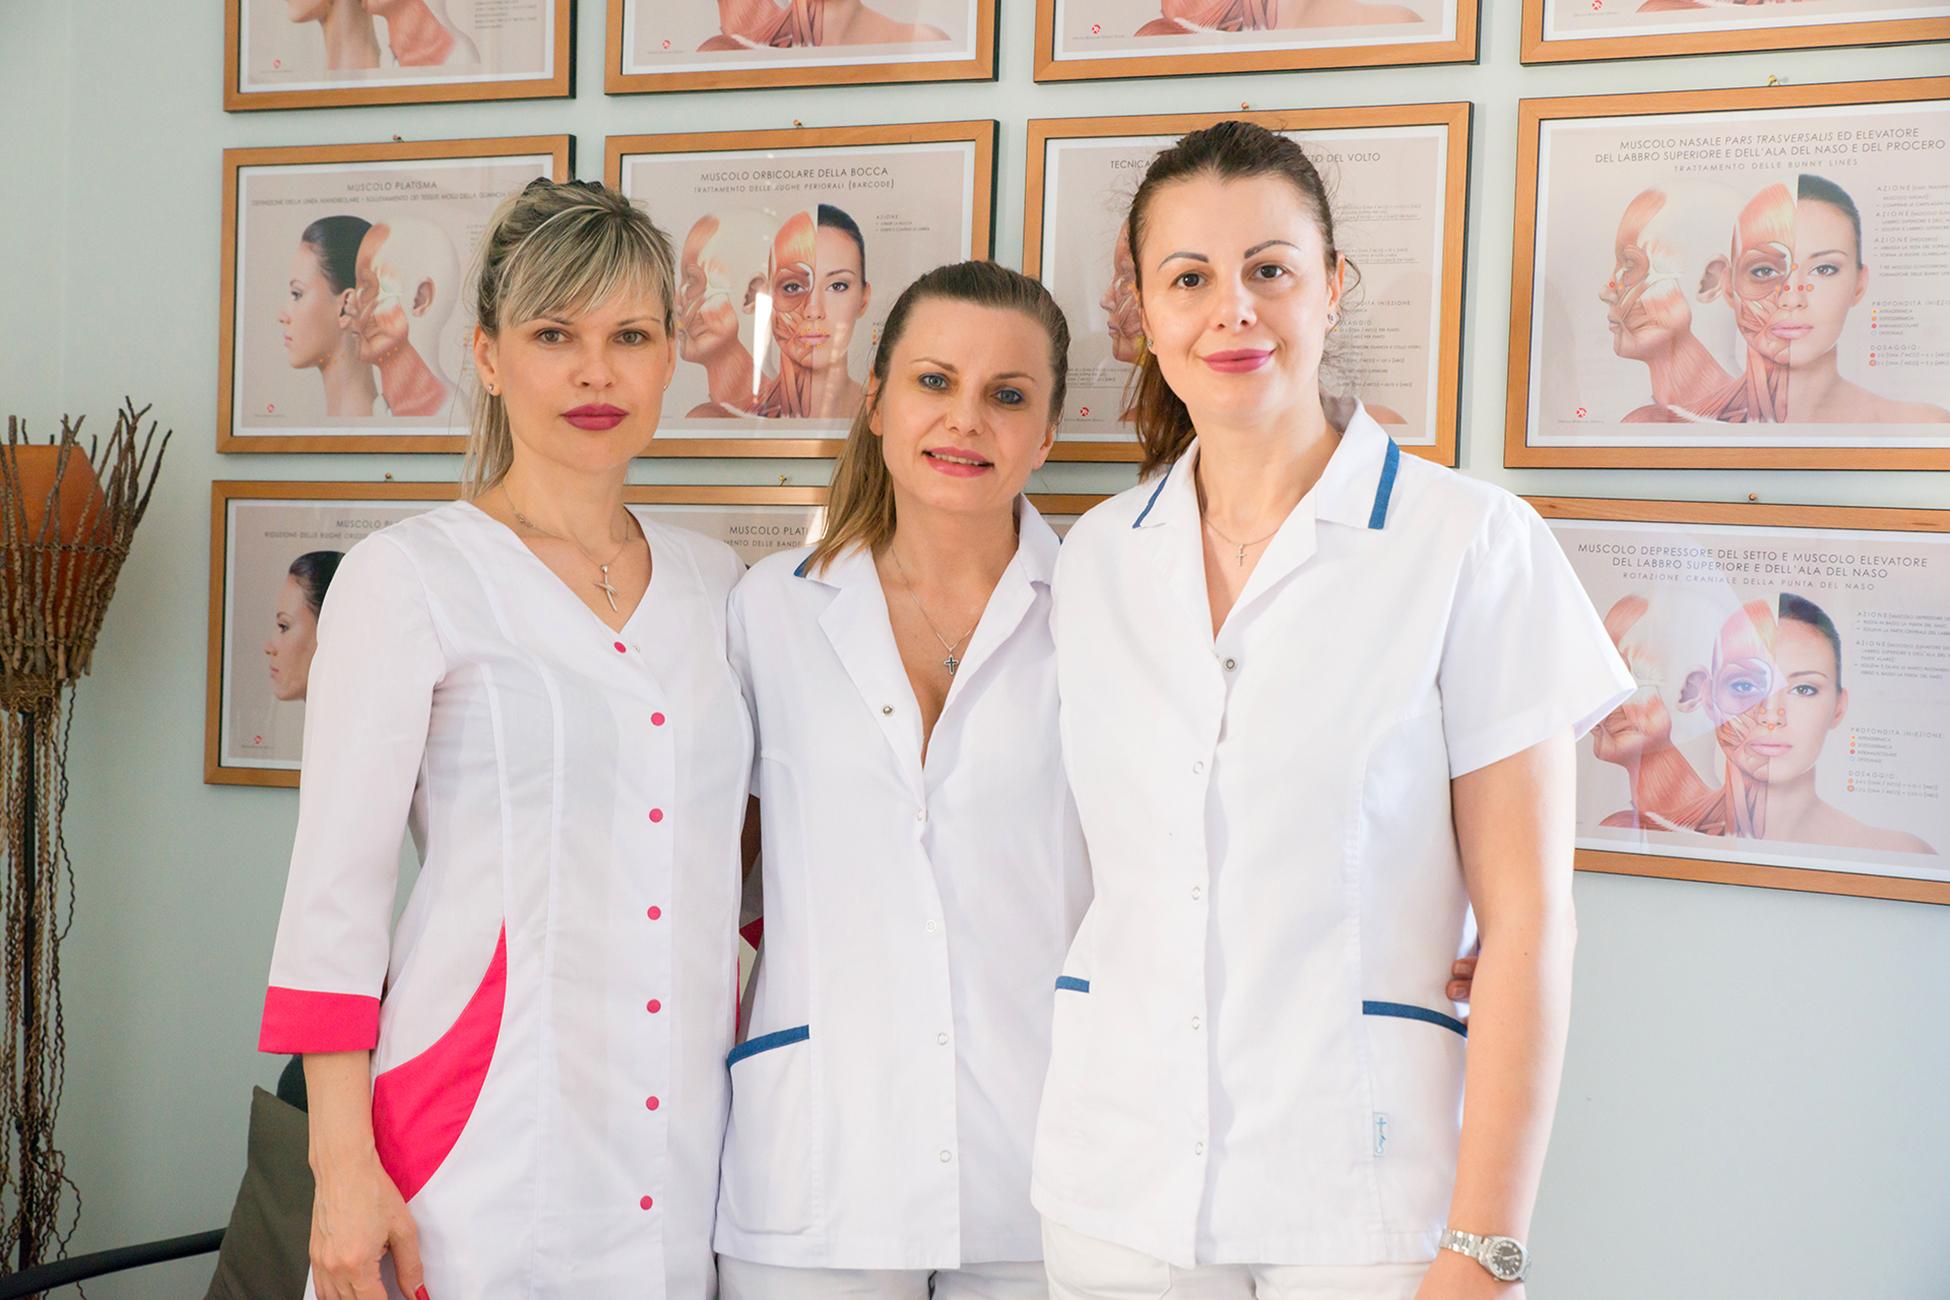 Medicina_Estetica_Moderna_Dr_Marco_Mannucci_ITLA_328156_10 (1)